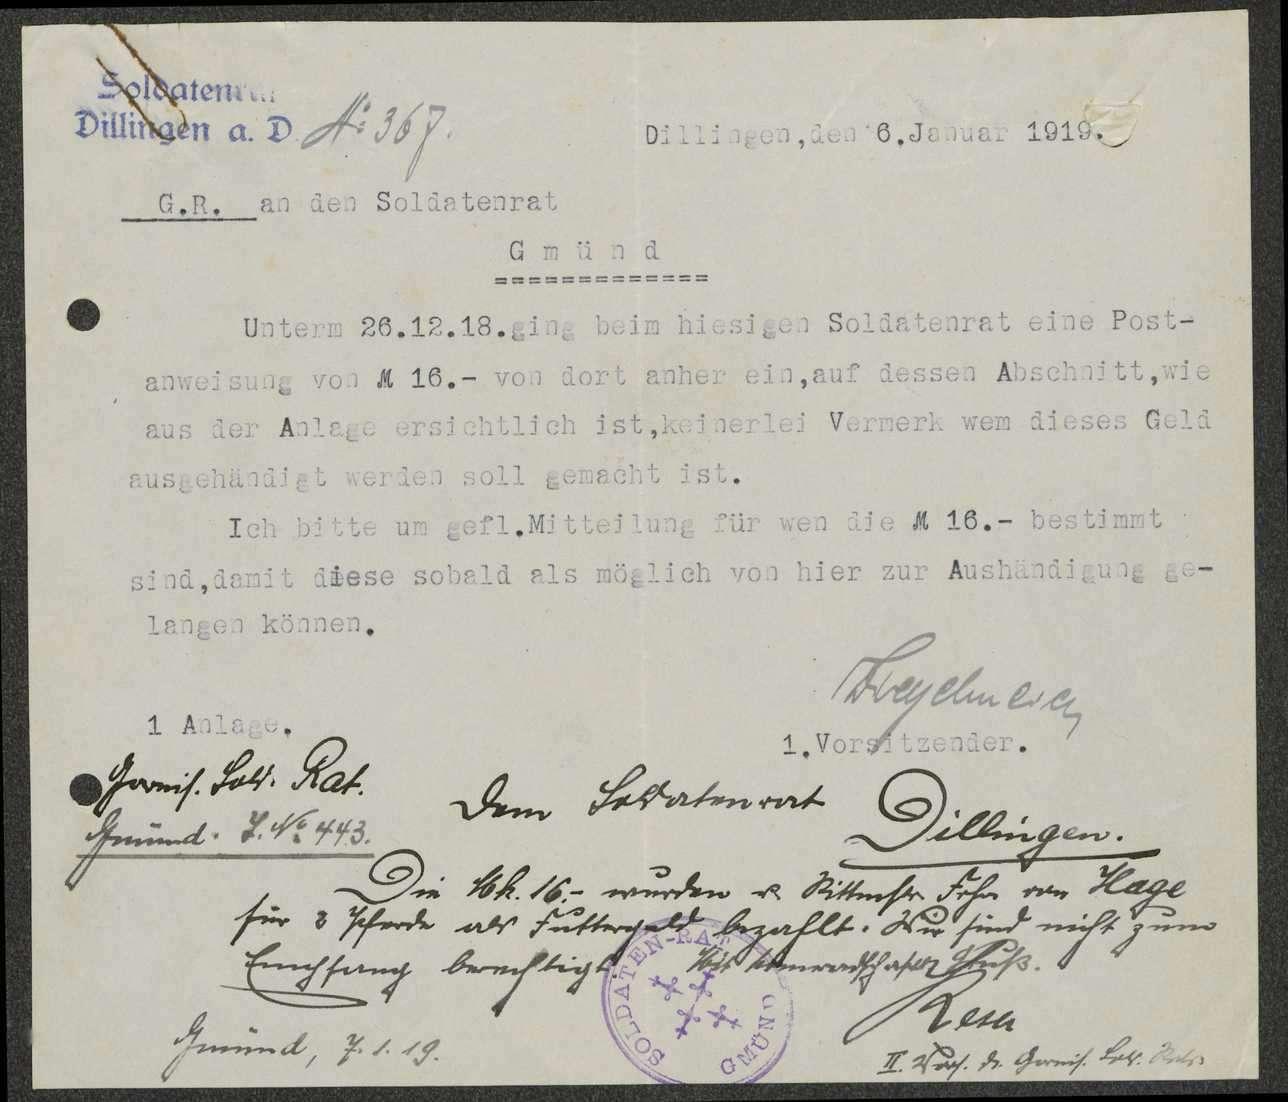 Auszahlung von Futtergeld an Rittmeister, Freiherr von Hage in Dillingen, Bild 3